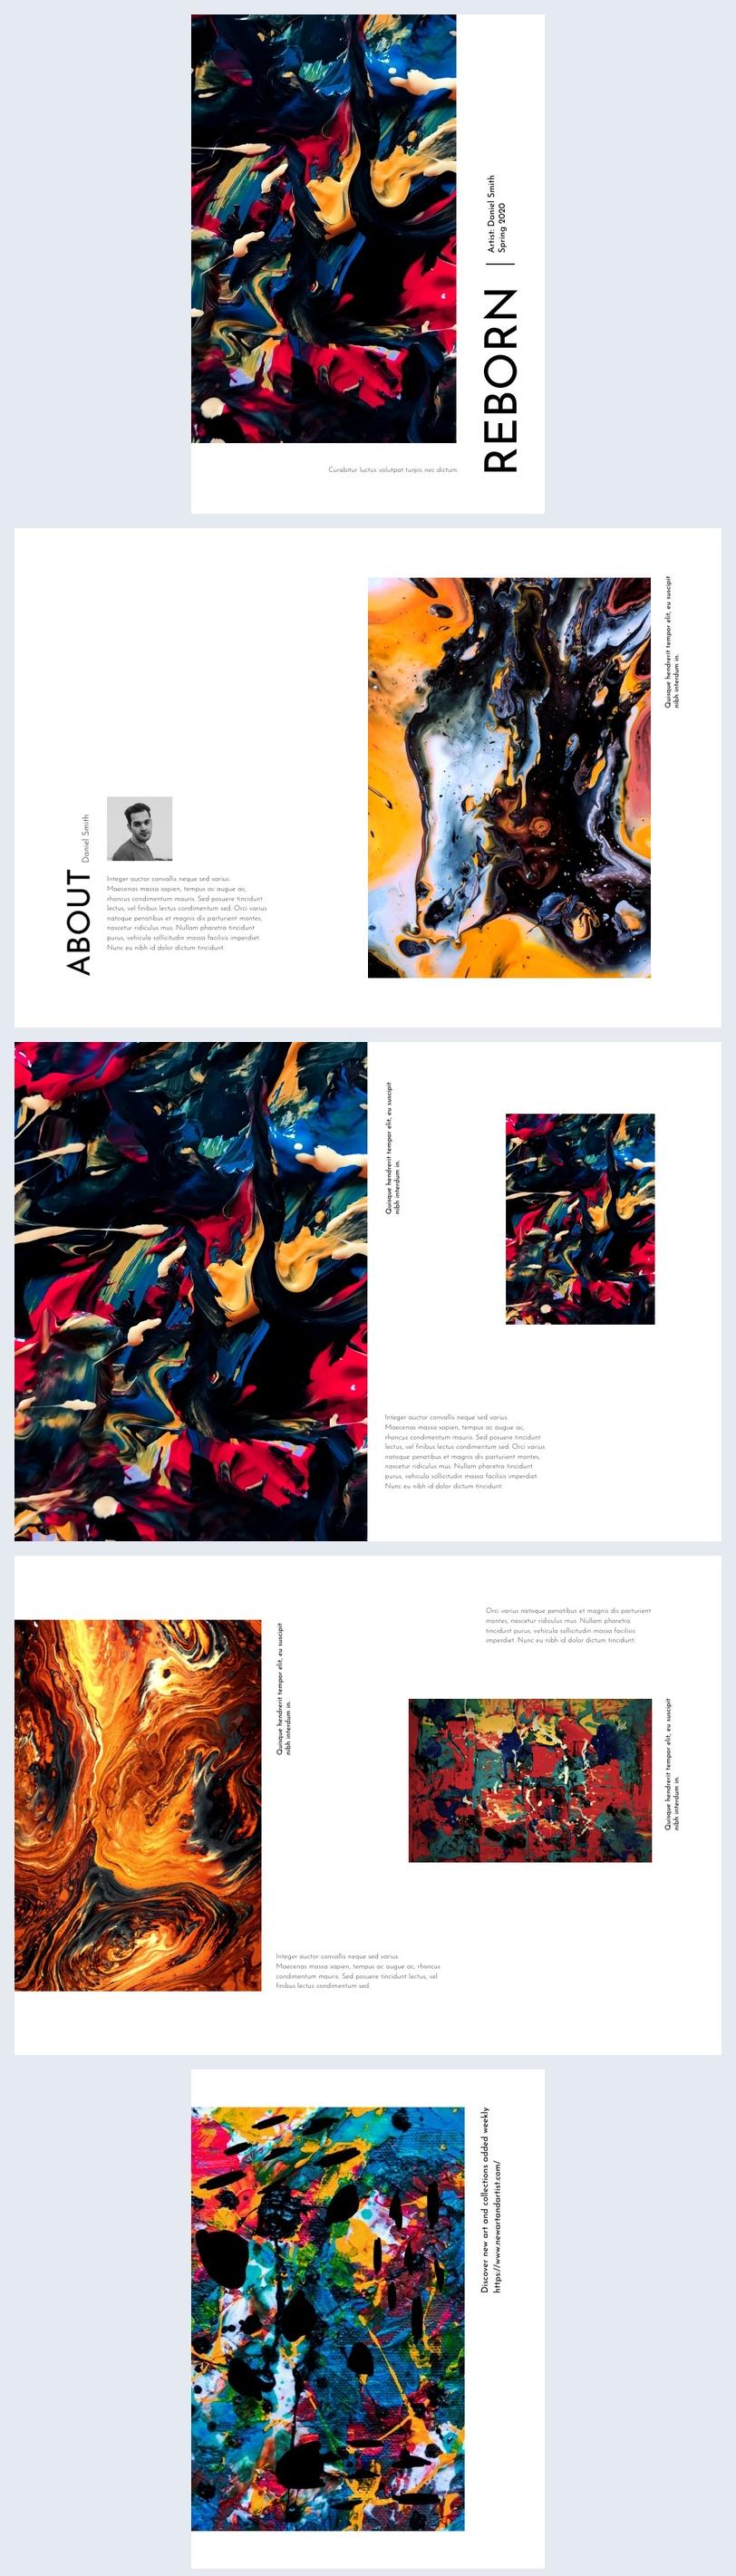 Idea de diseño para catálogo de arte